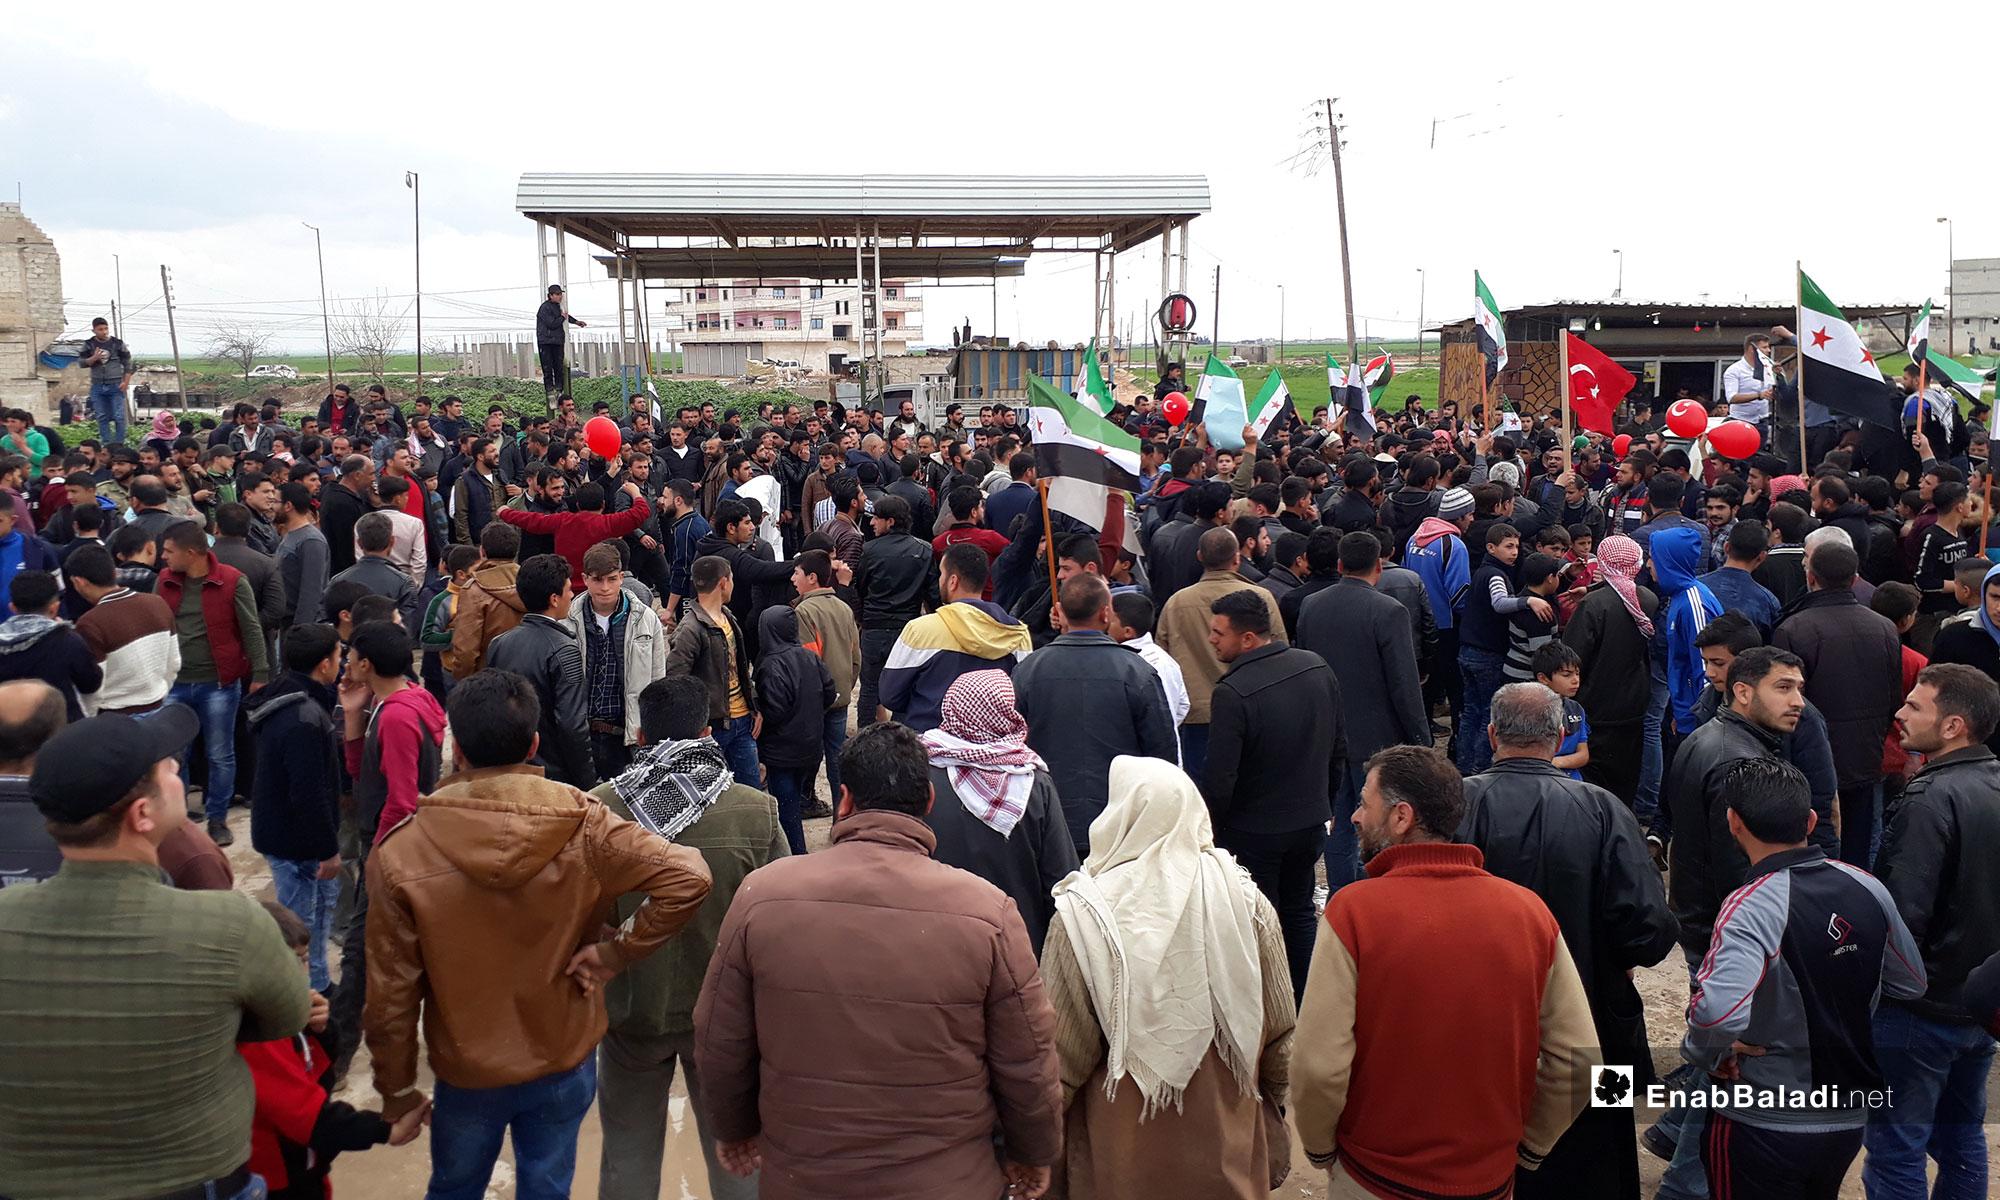 مظاهرات ضد فساد المجلس المحلي في ناحية صوران بريف حلب الشمالي - 5 من نيسان 2019 (عنب بلدي)